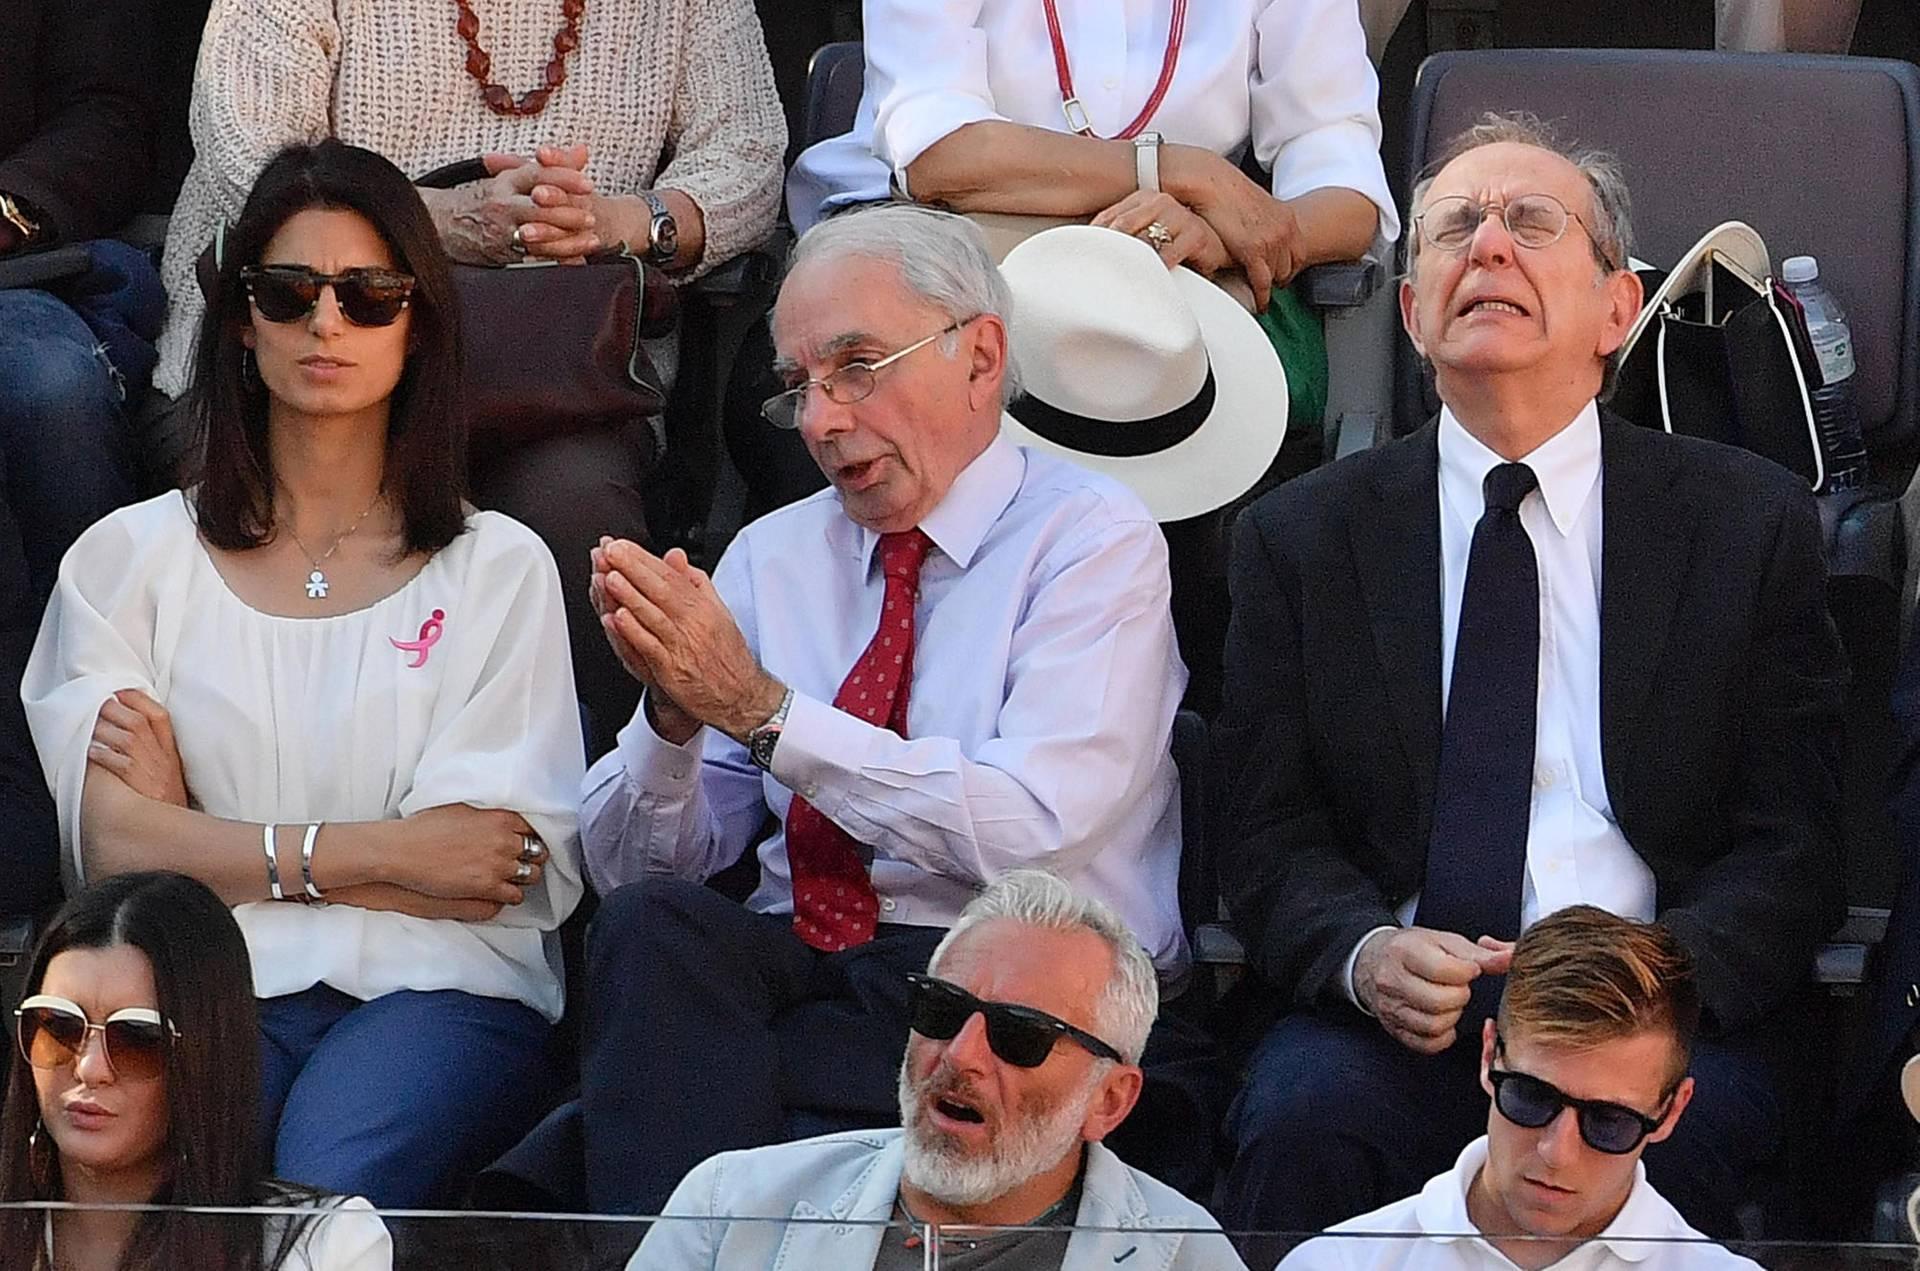 Зліва направо: мер Рима Вірджинія Раджі, колишній прем'єр-міністр Італії Джуліано Амато та італійський міністр економіки П'єр Карло Падоан дивляться фінальний матч турніру з тенісу у Римі, Італія, 21 травня 2017 року